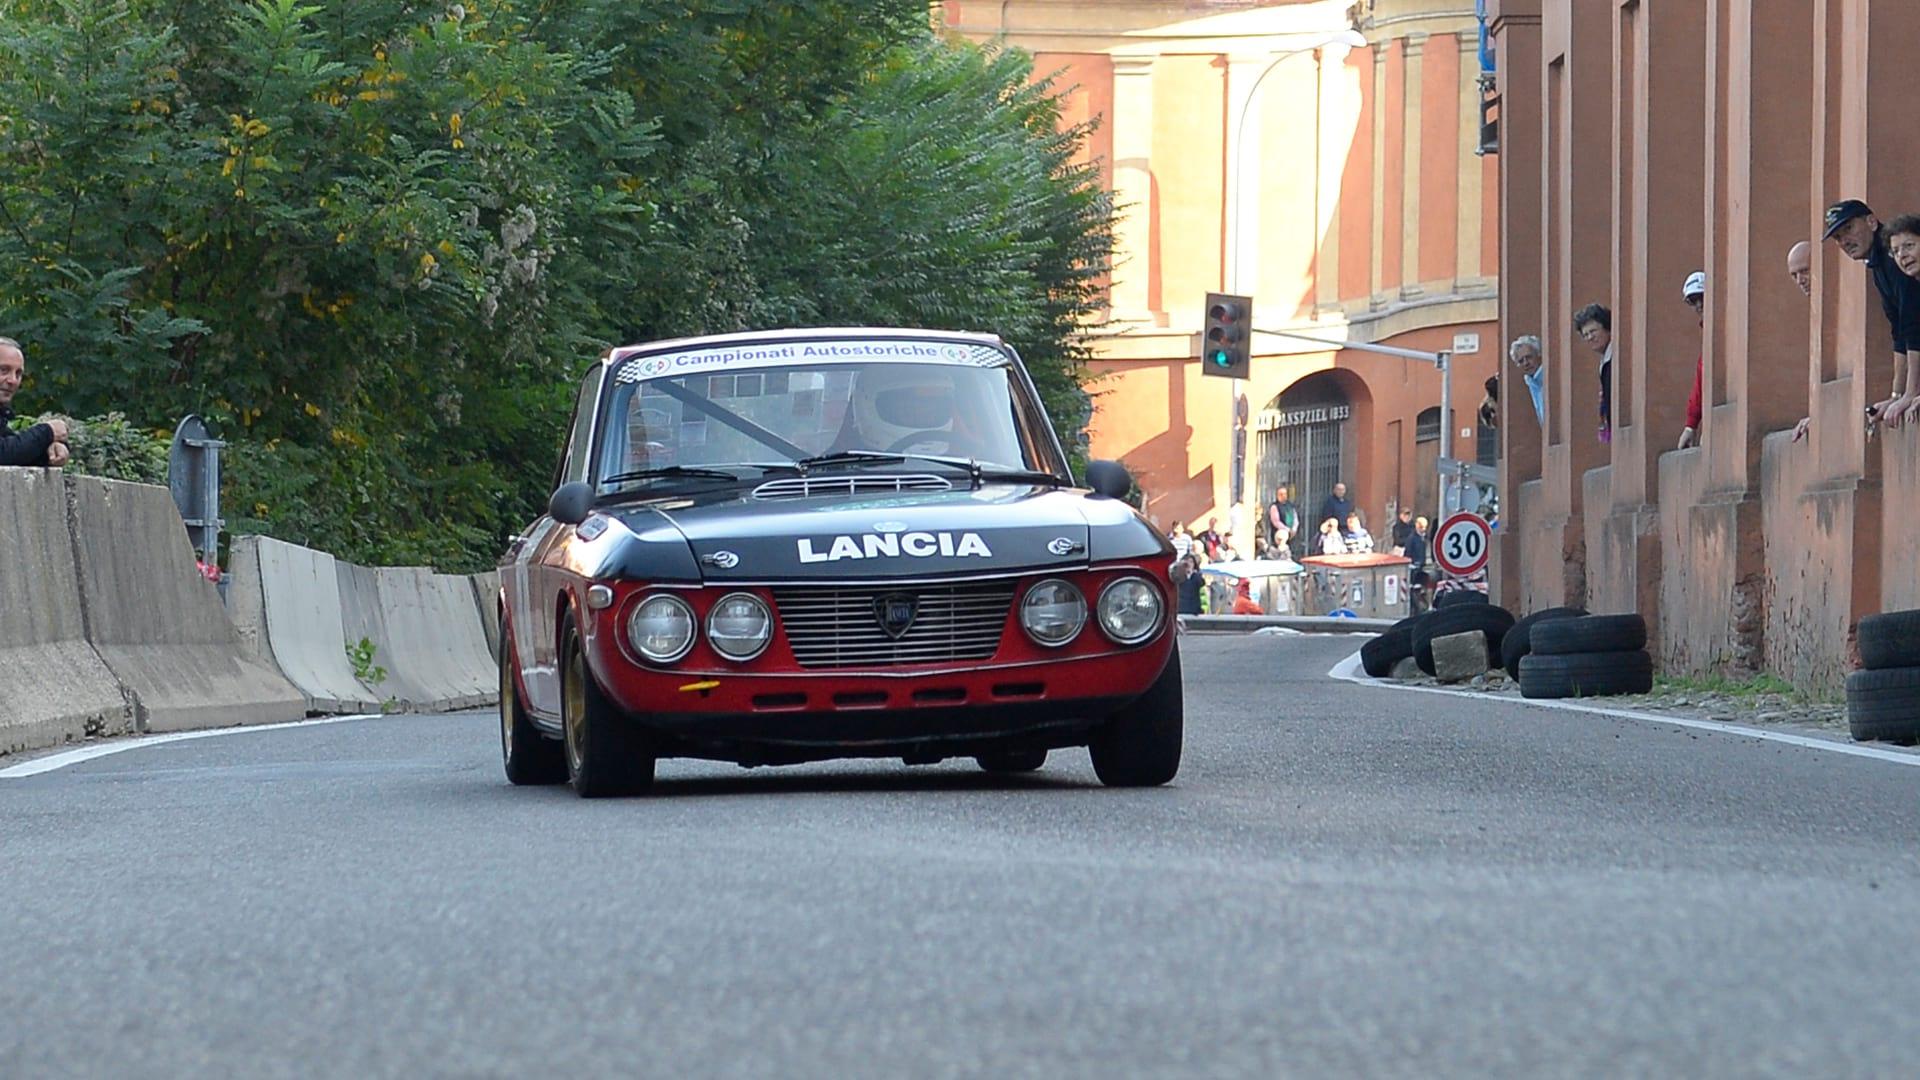 15° Bologna-San Luca